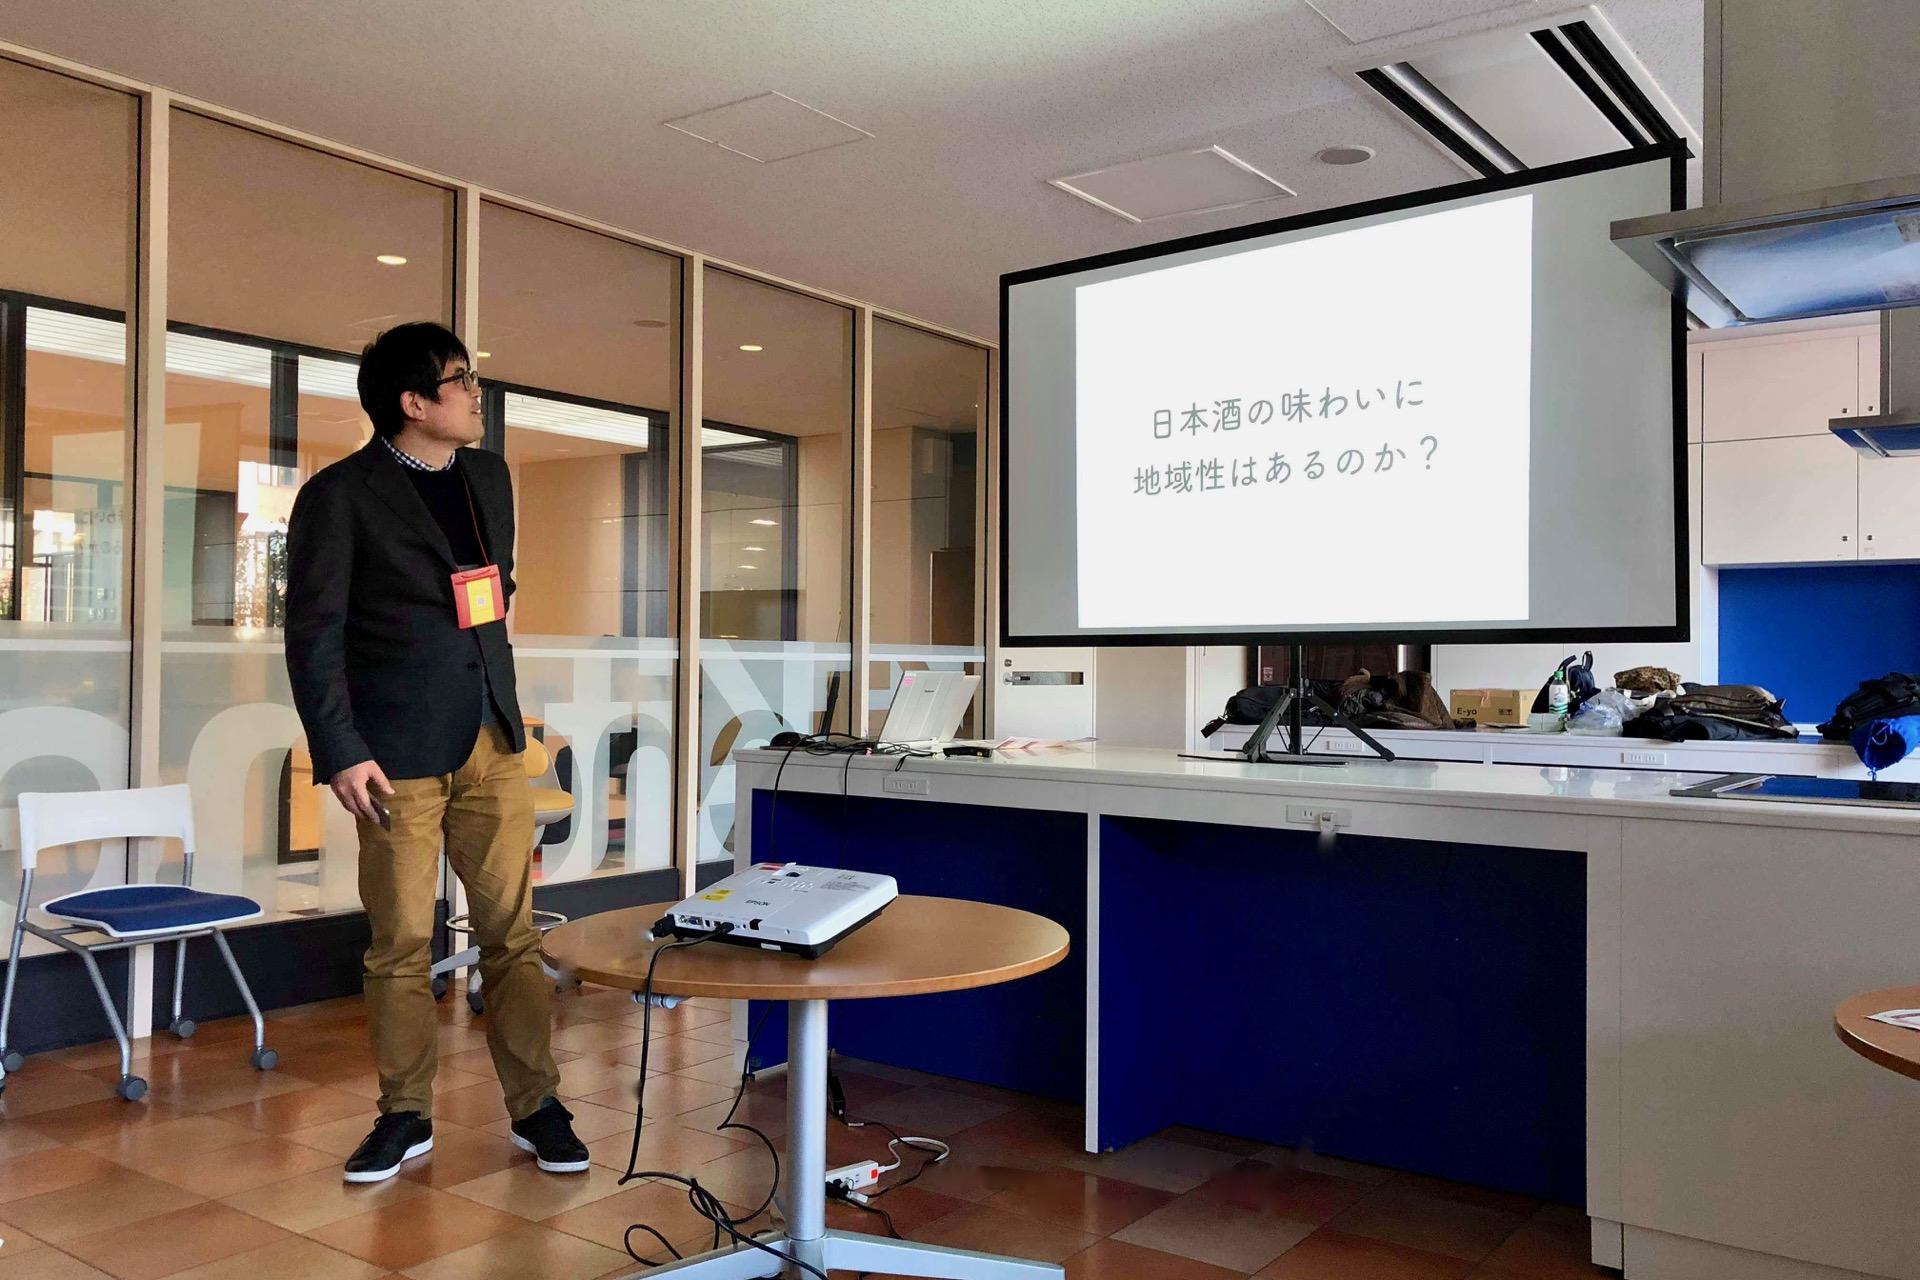 「日本酒の地域性を探るワークショップ」についてお話しました